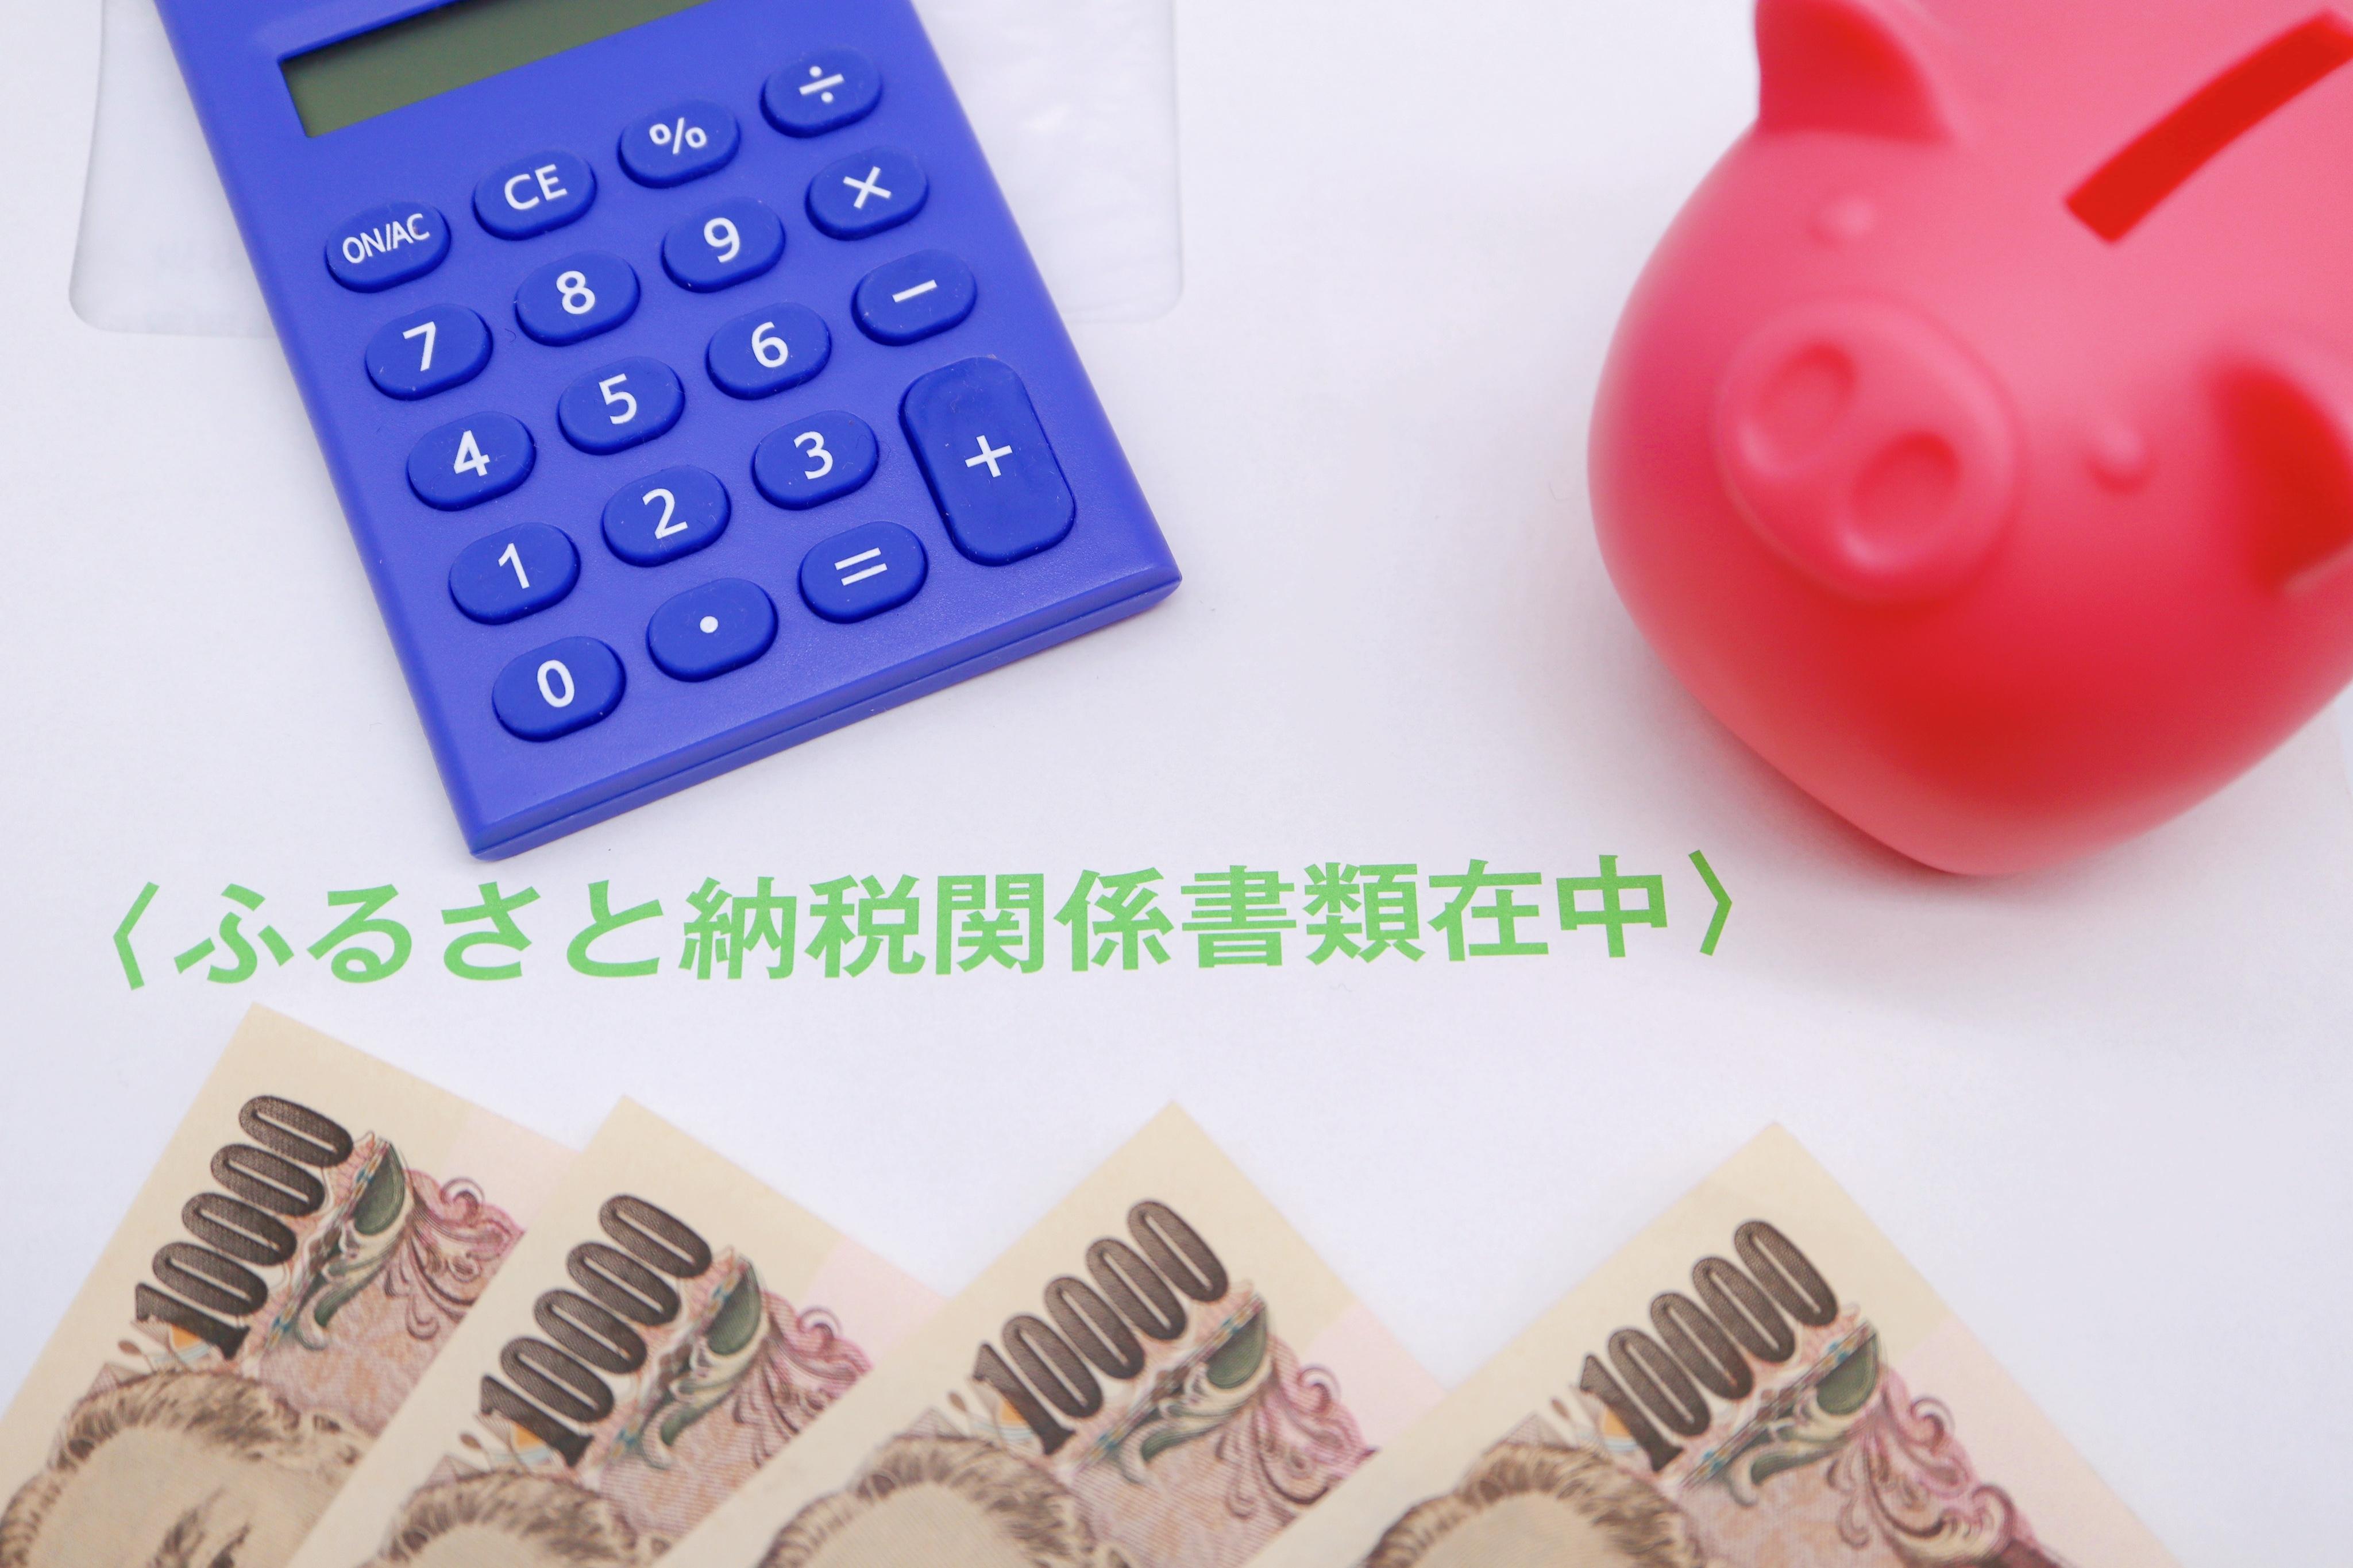 ふるさと納税のメリットとは?知っているとお得な内容をわかりやすく解説!